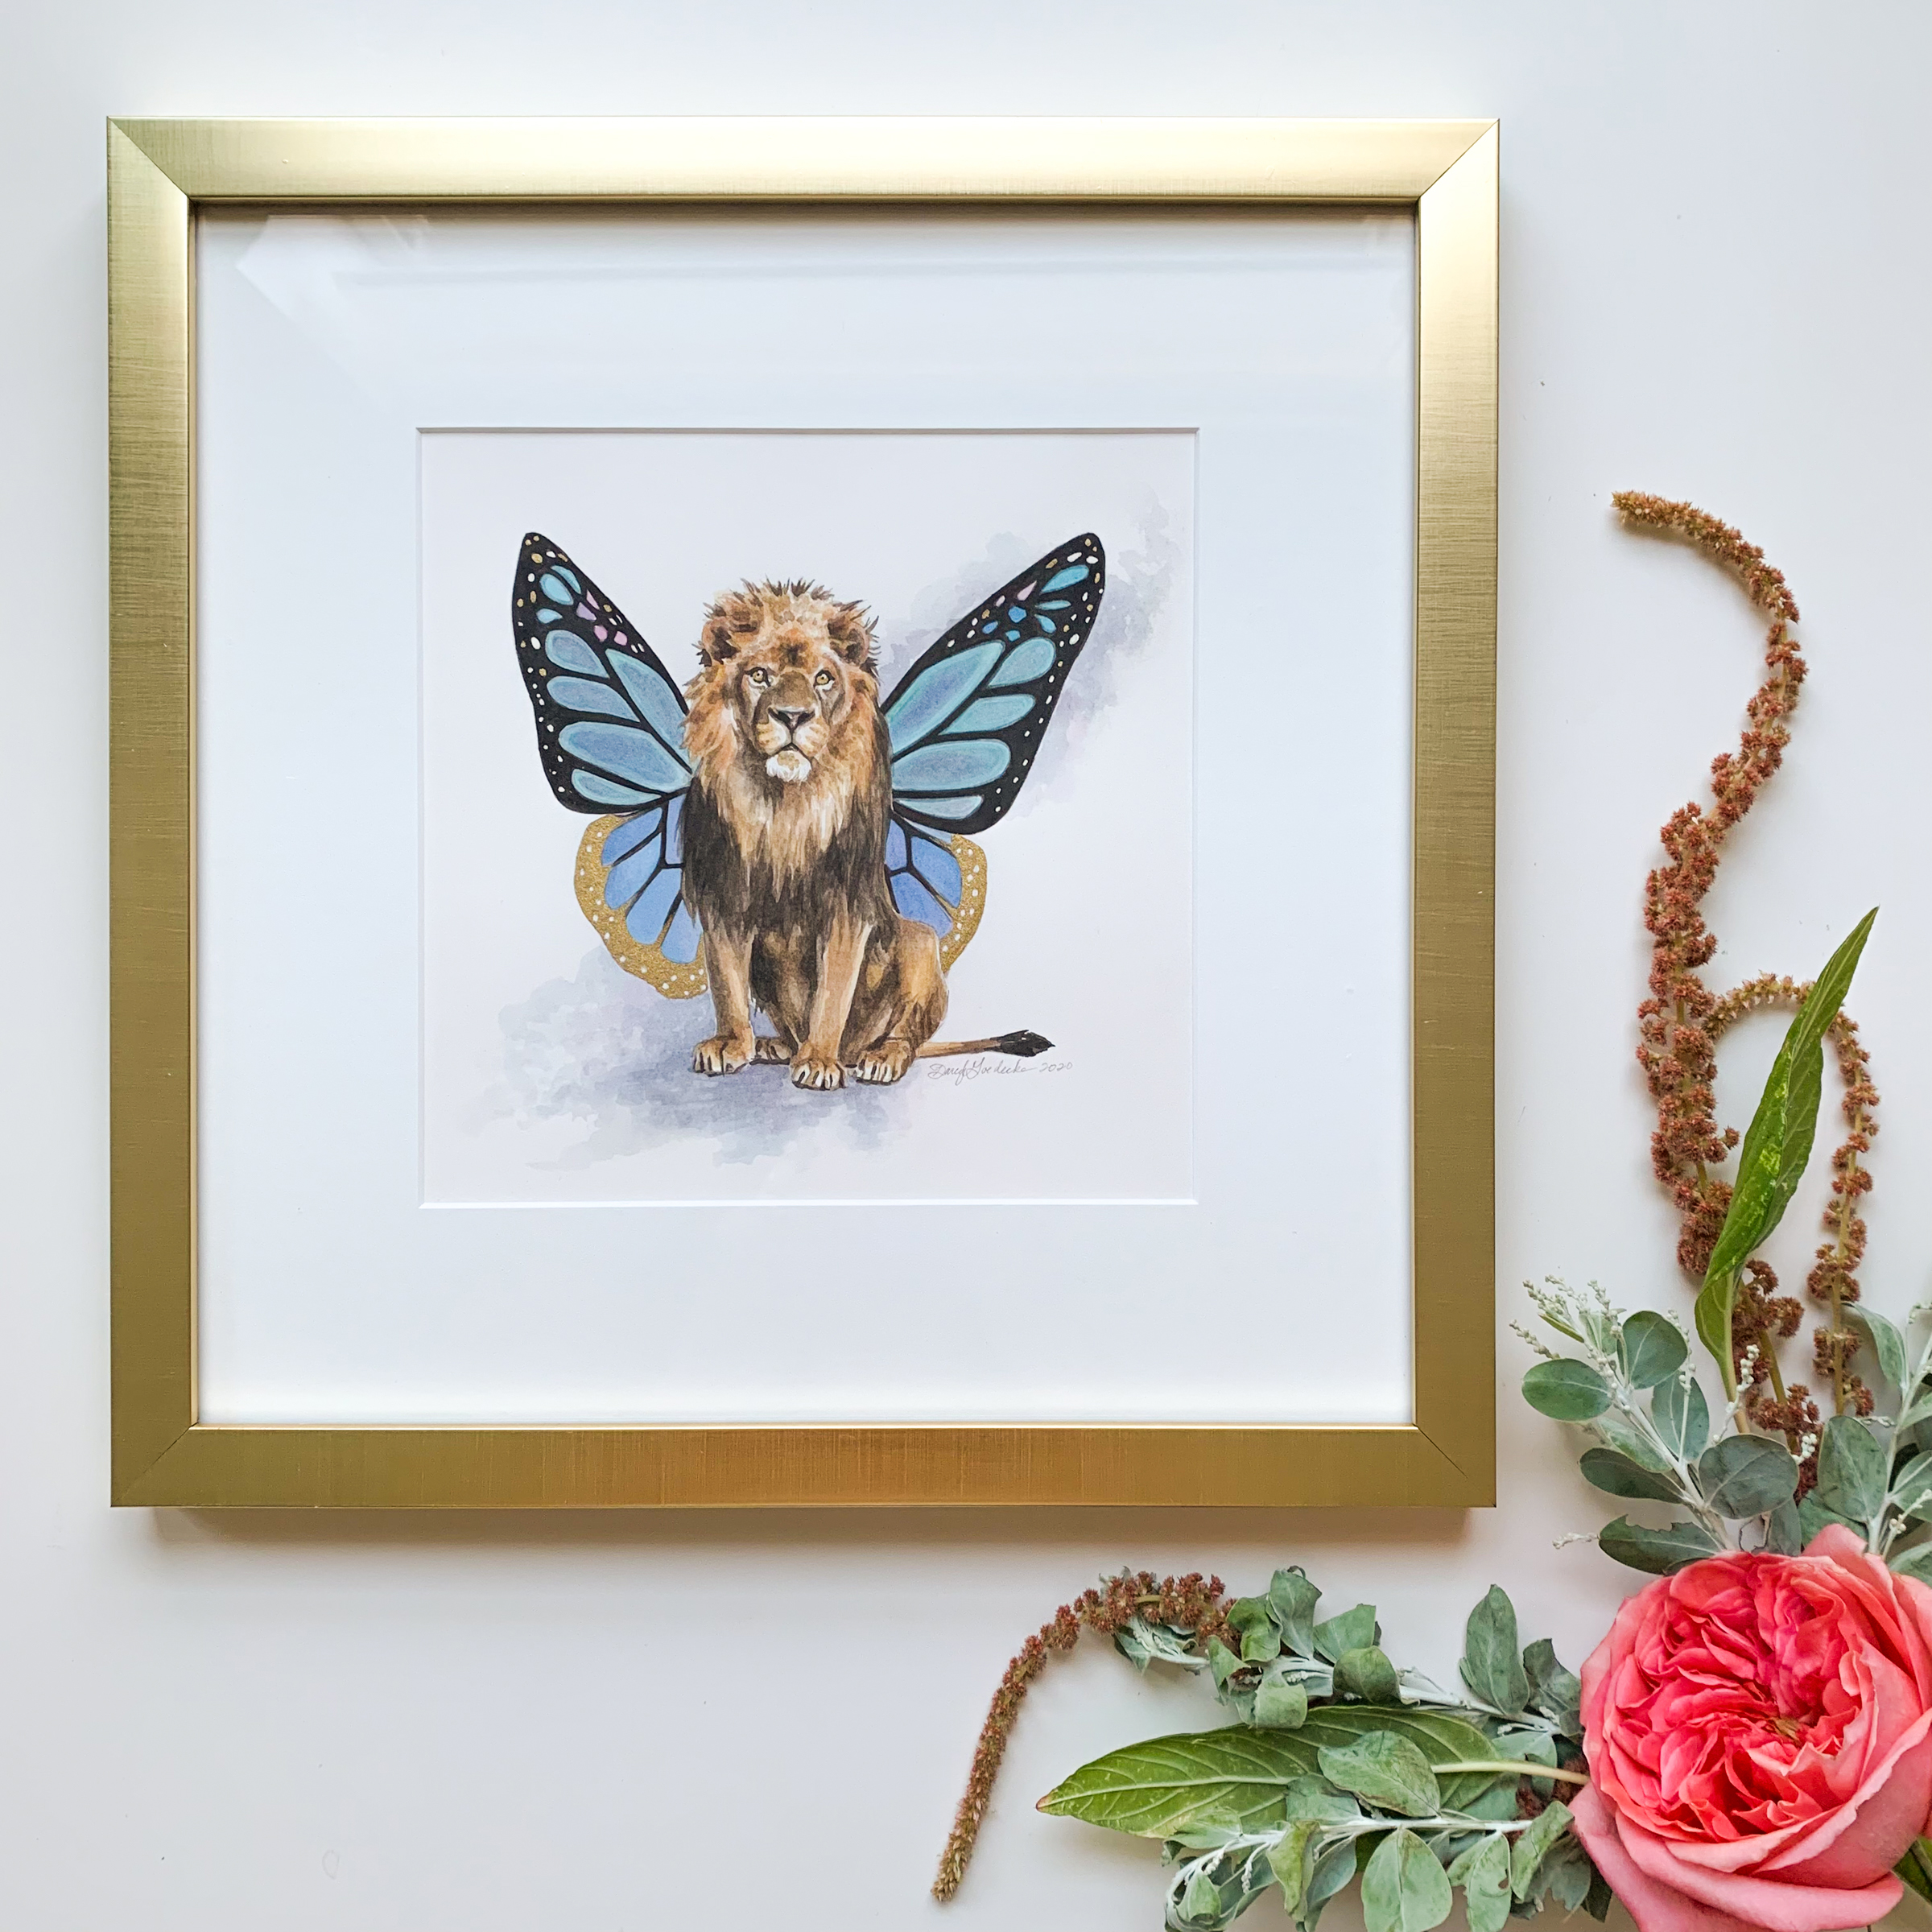 Flutter Lion by Darcy Goedecke